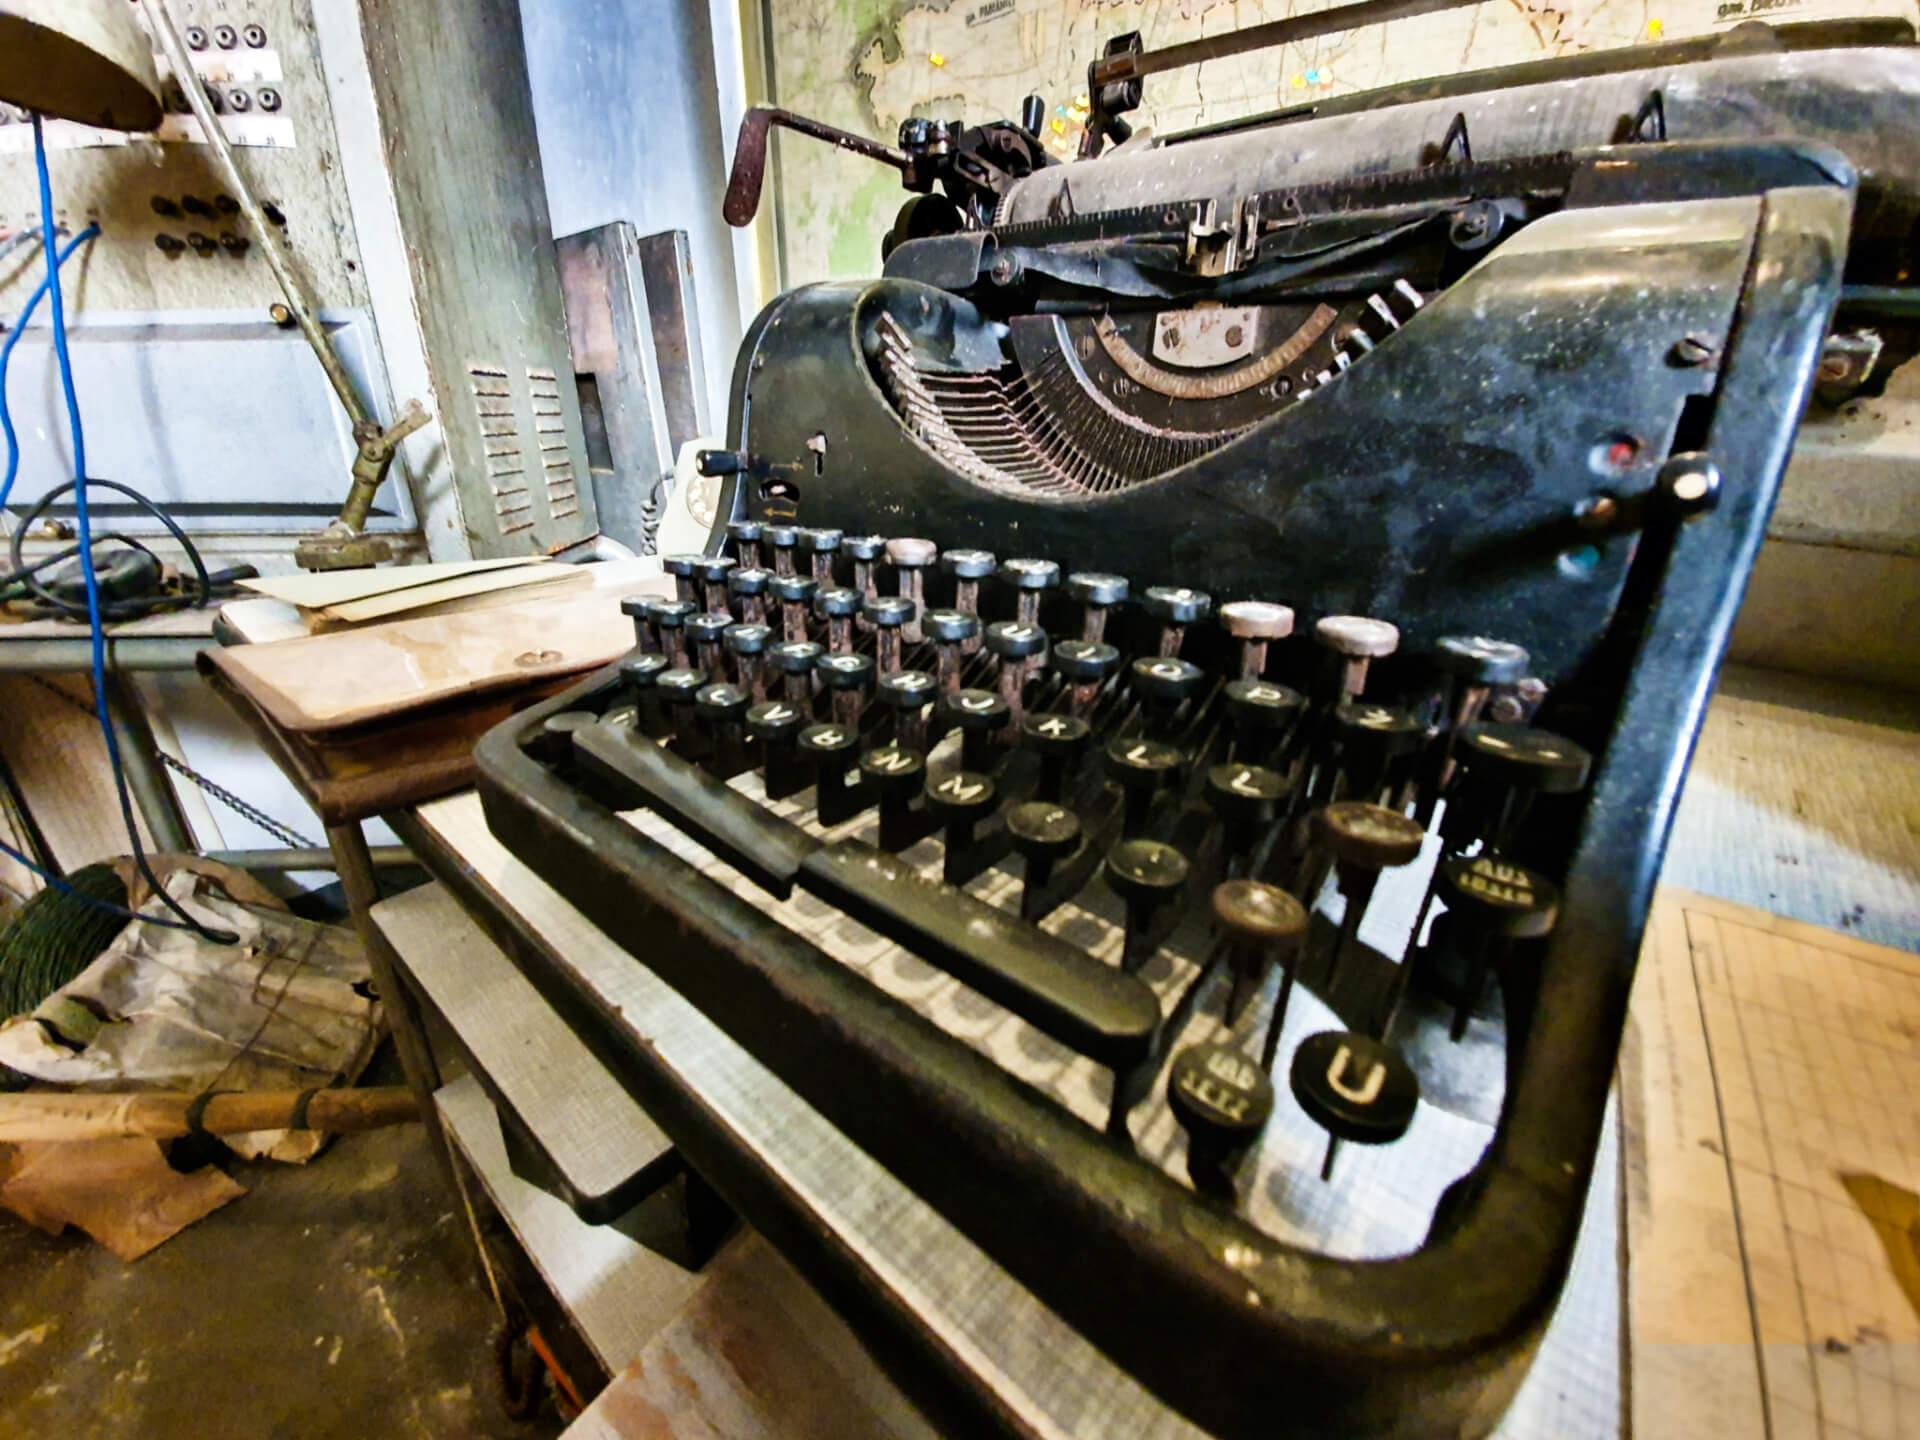 schron na brusie_pomieszczenia_wystawy_ekspozycja_zabytkowa_maszyna_do_pisania